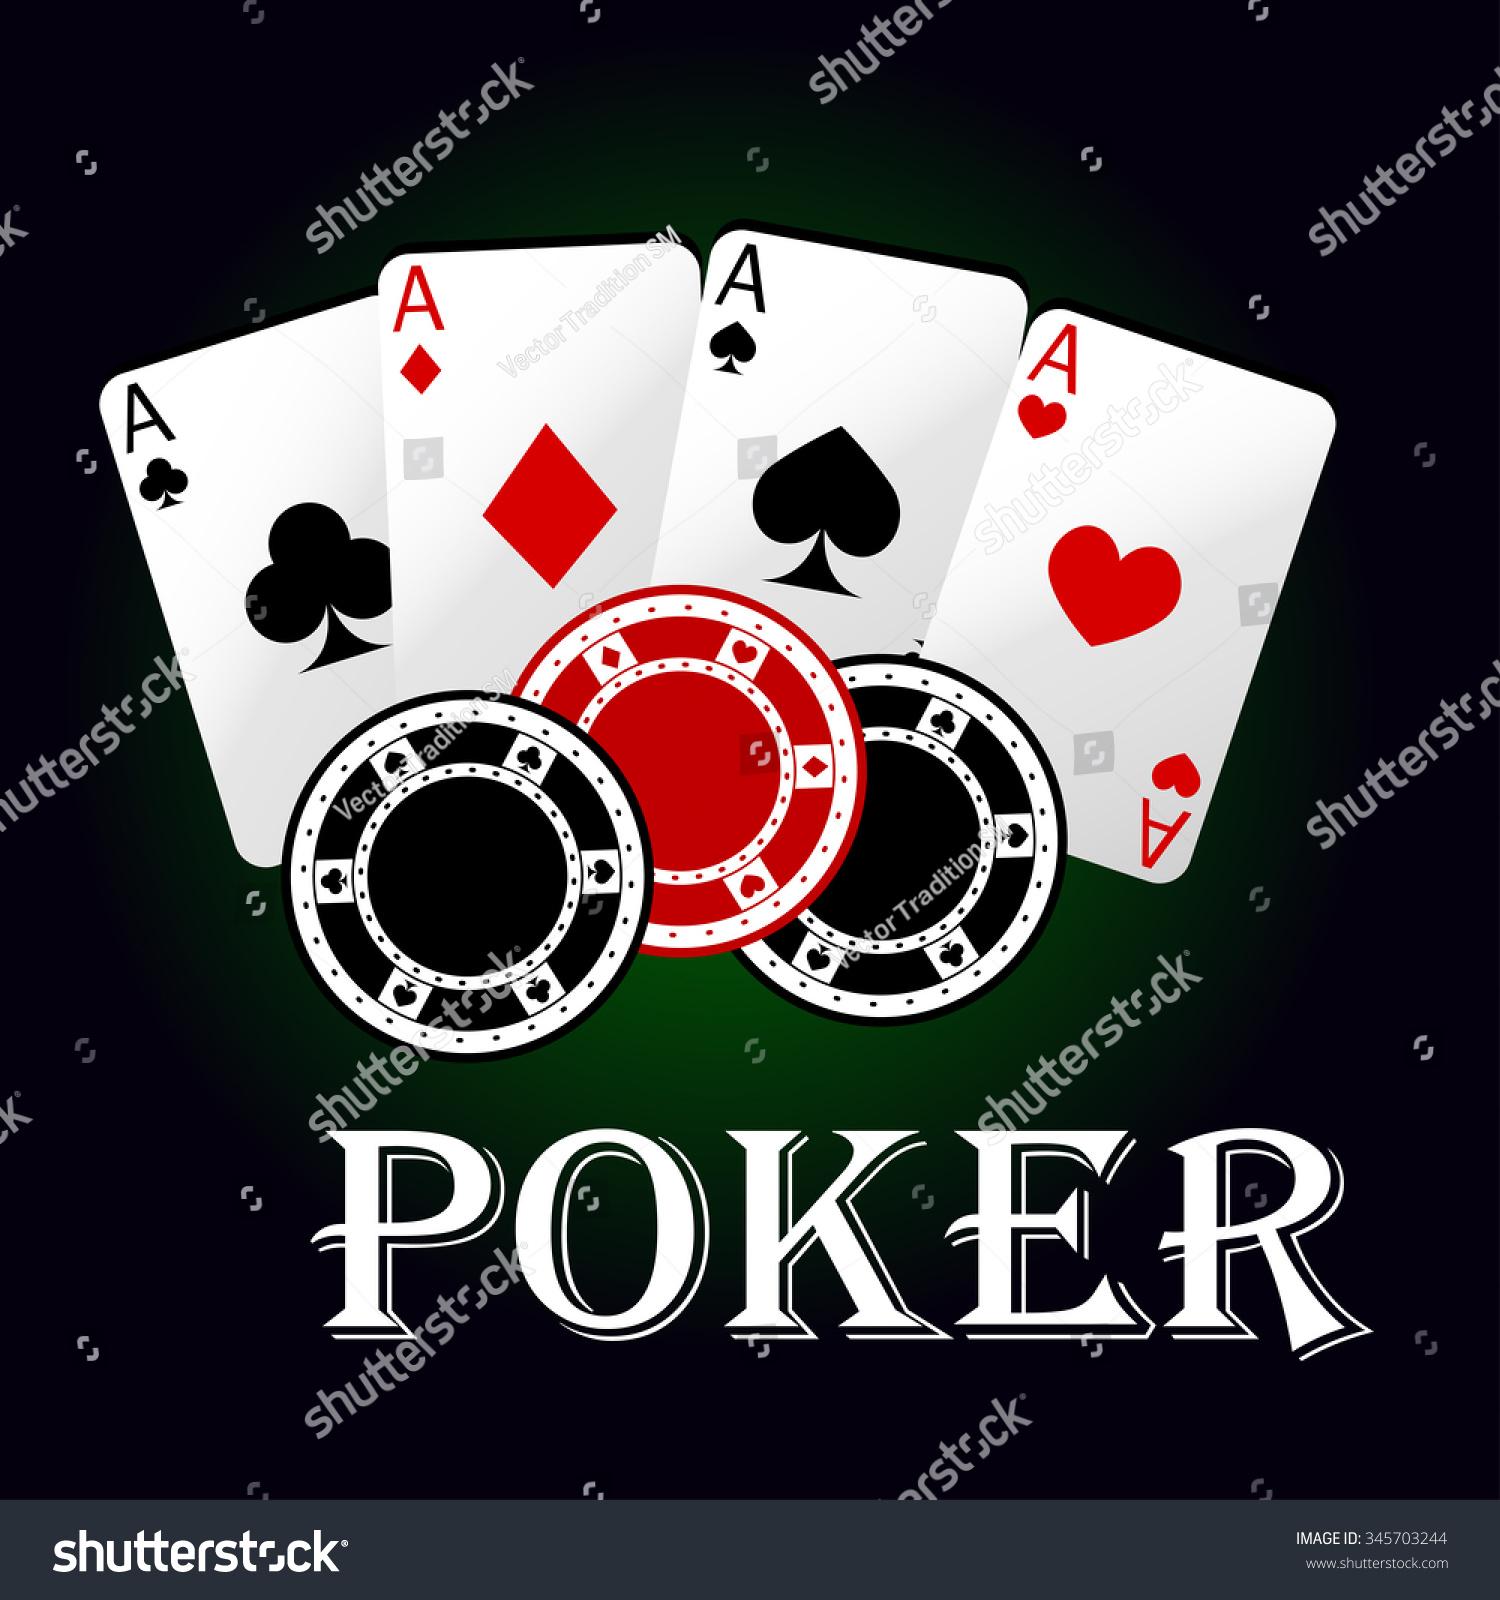 Ace casino four casino in bosier